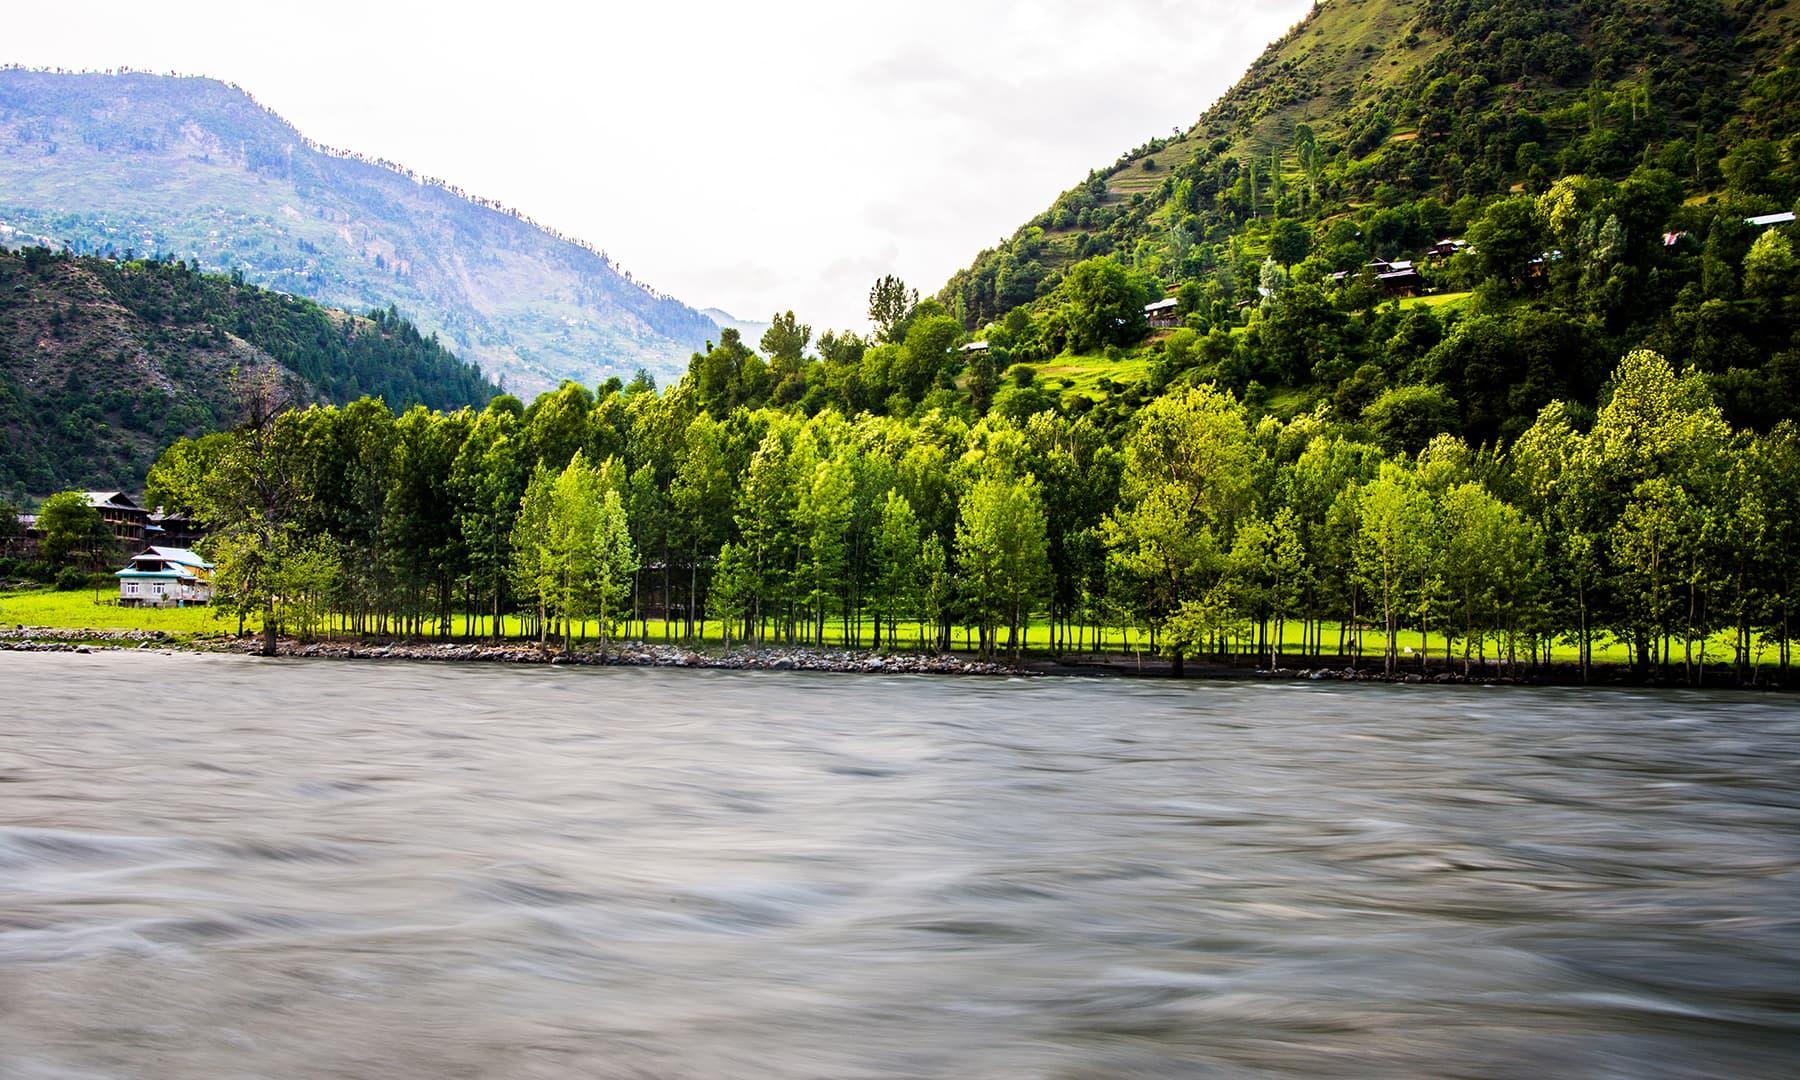 At the banks of the Neelum River in Keran. —Marvi Soomro